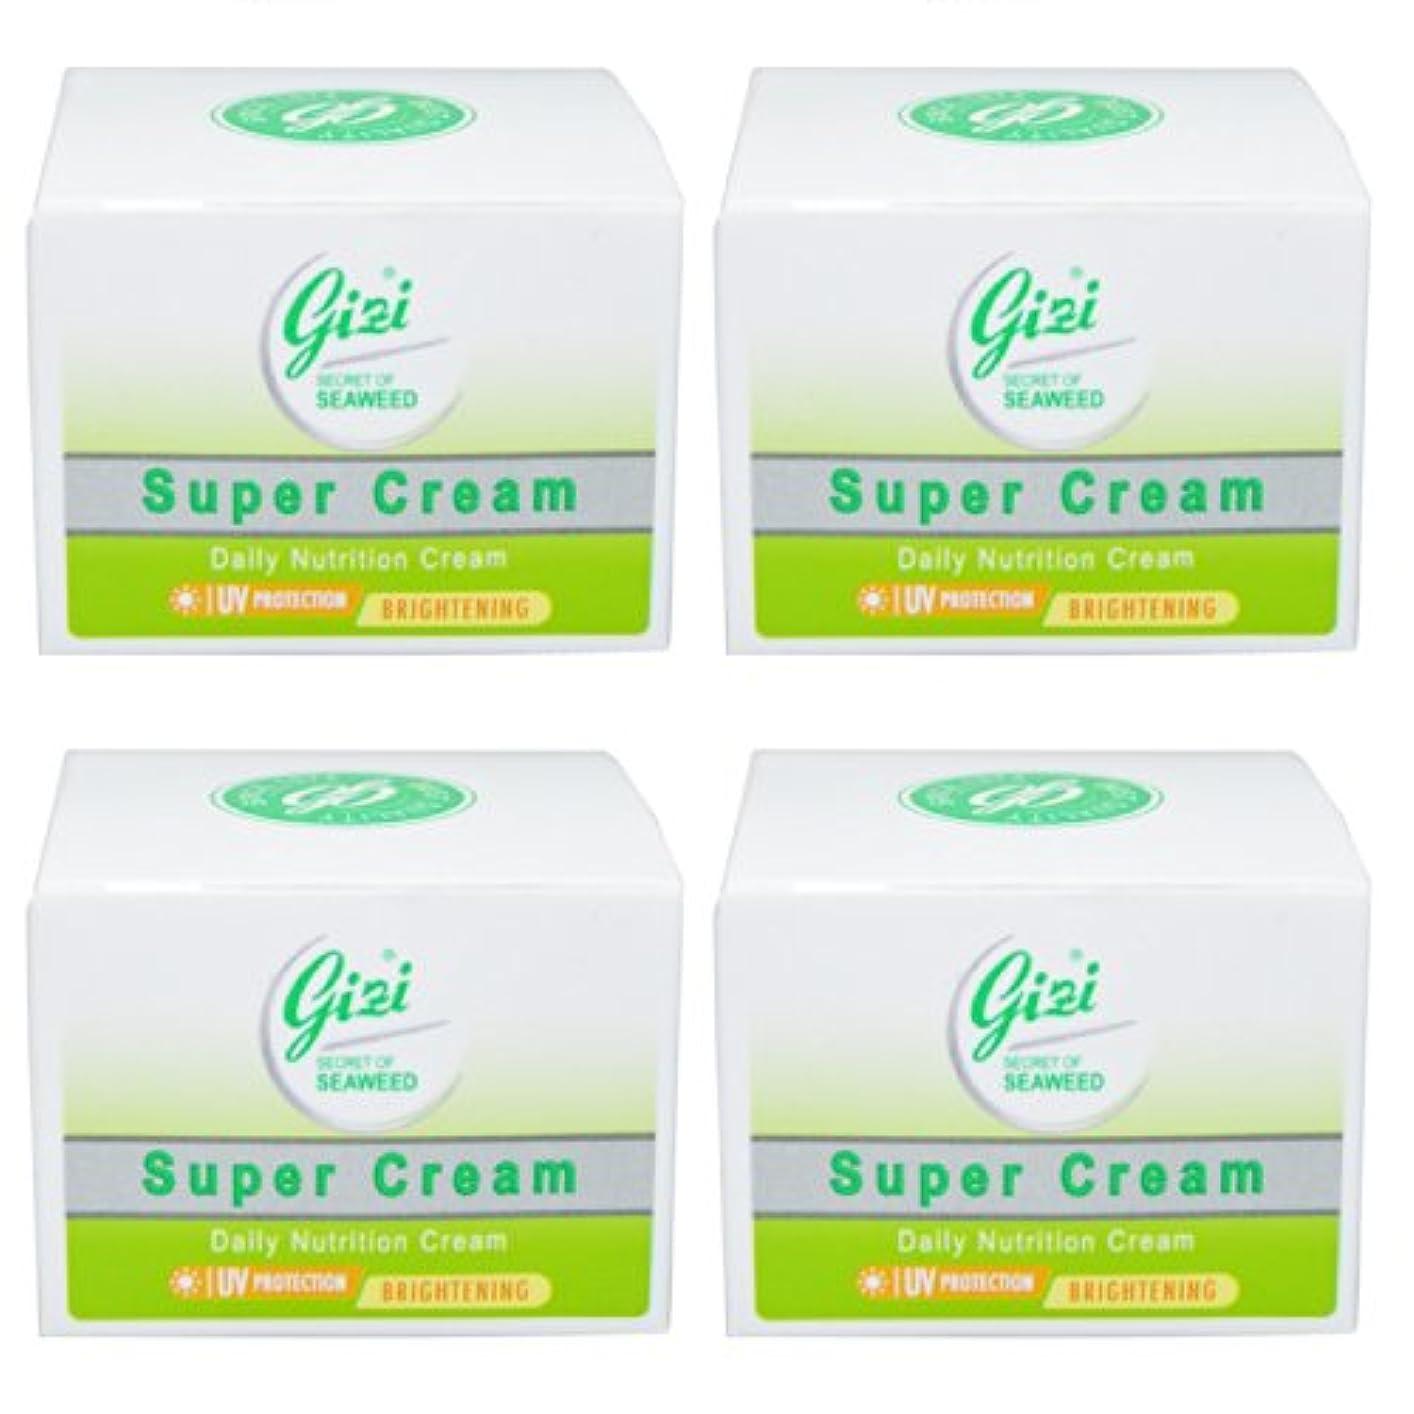 経度家庭富豪GIZI Super Cream(ギジ スーパークリーム)フェイスクリーム9g 4個セット[並行輸入品][海外直送品]